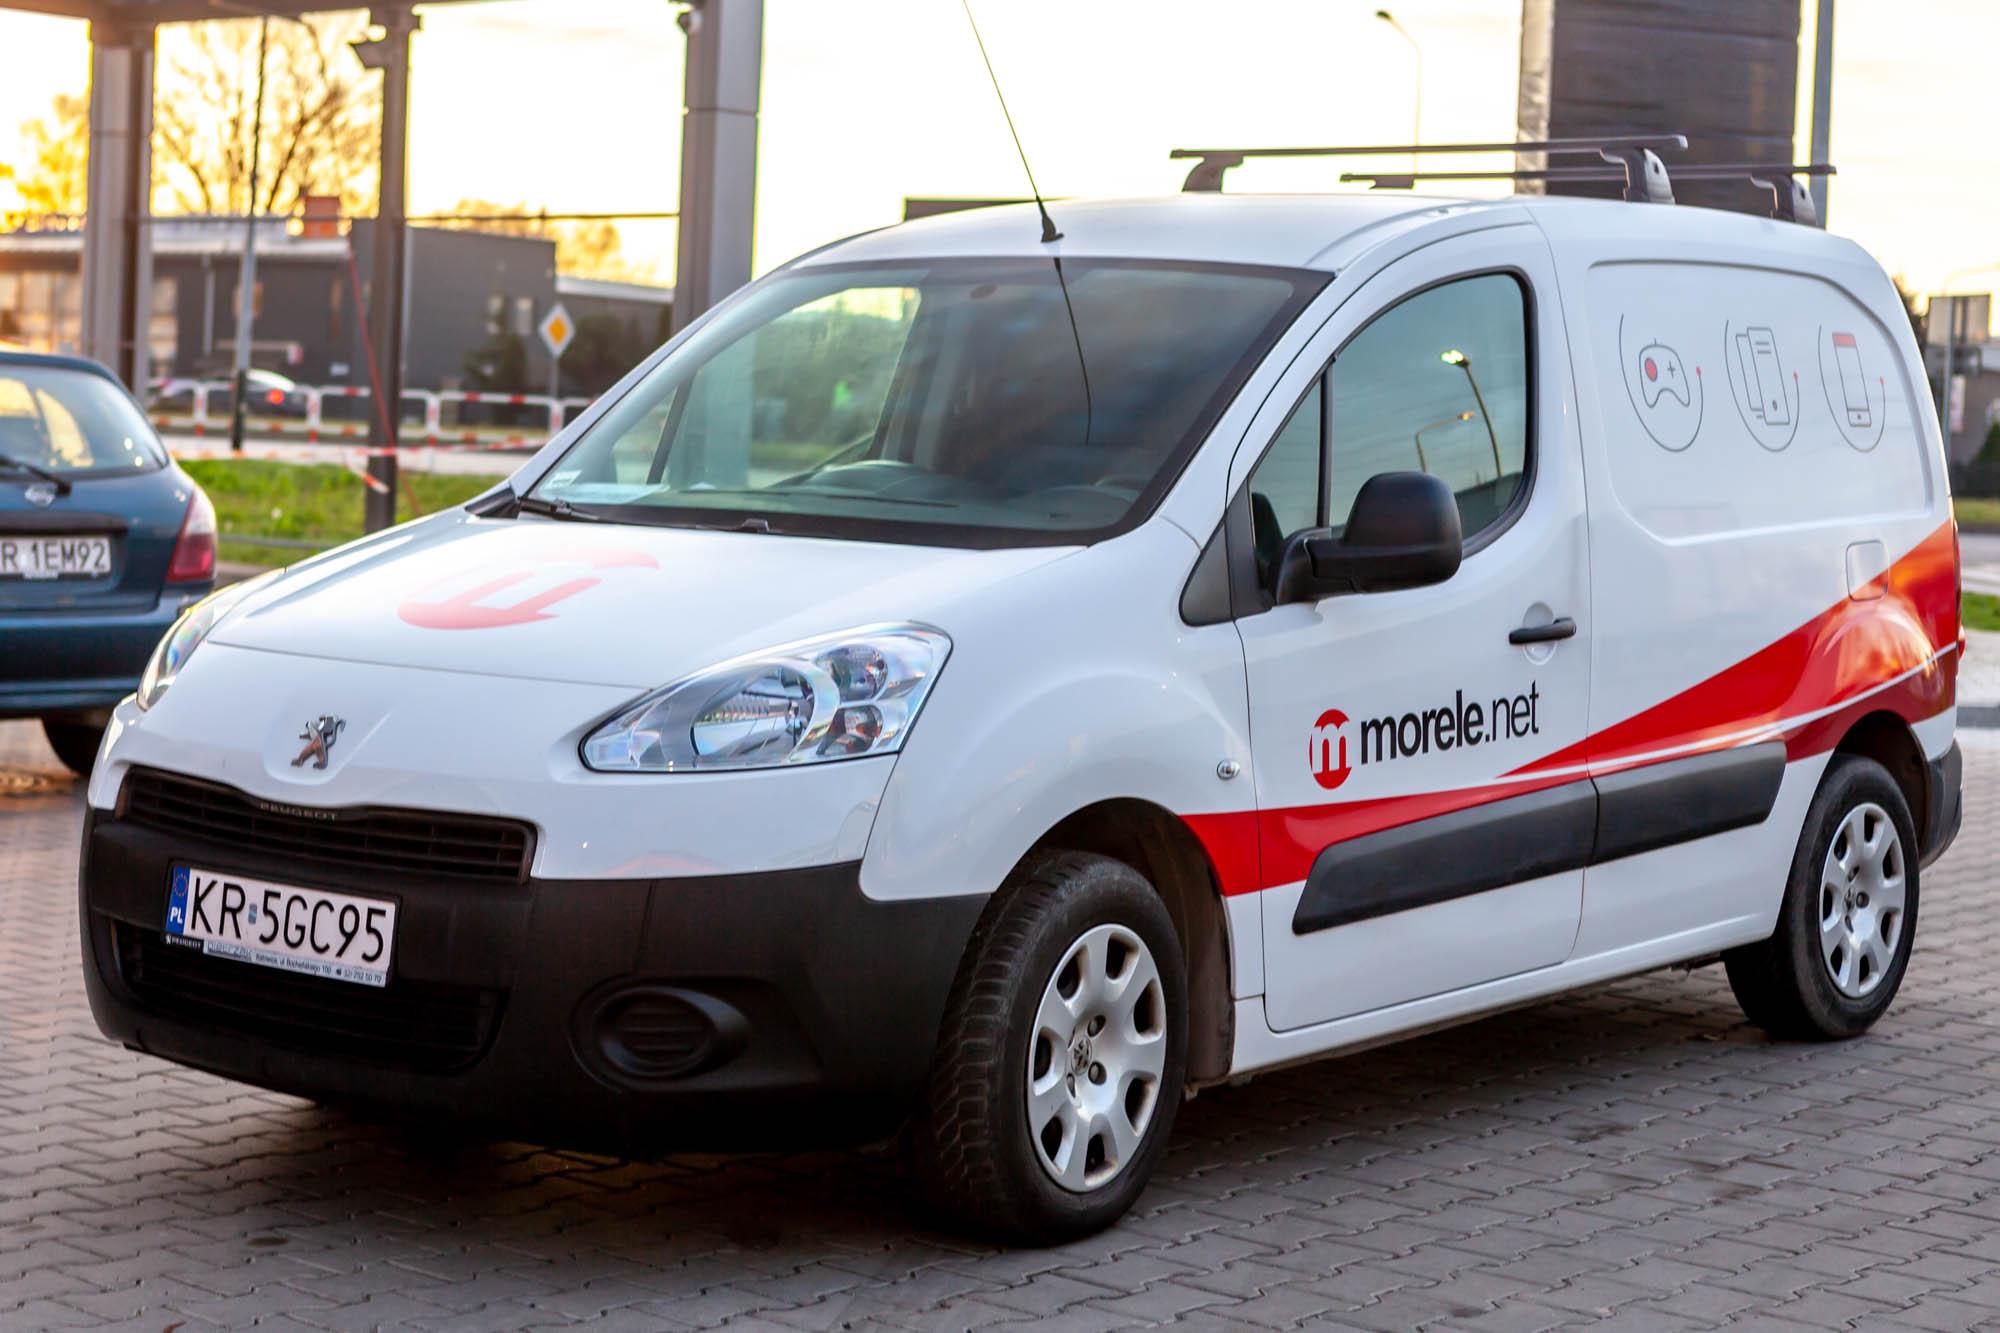 Peugeot Partner dla Morele.net 7